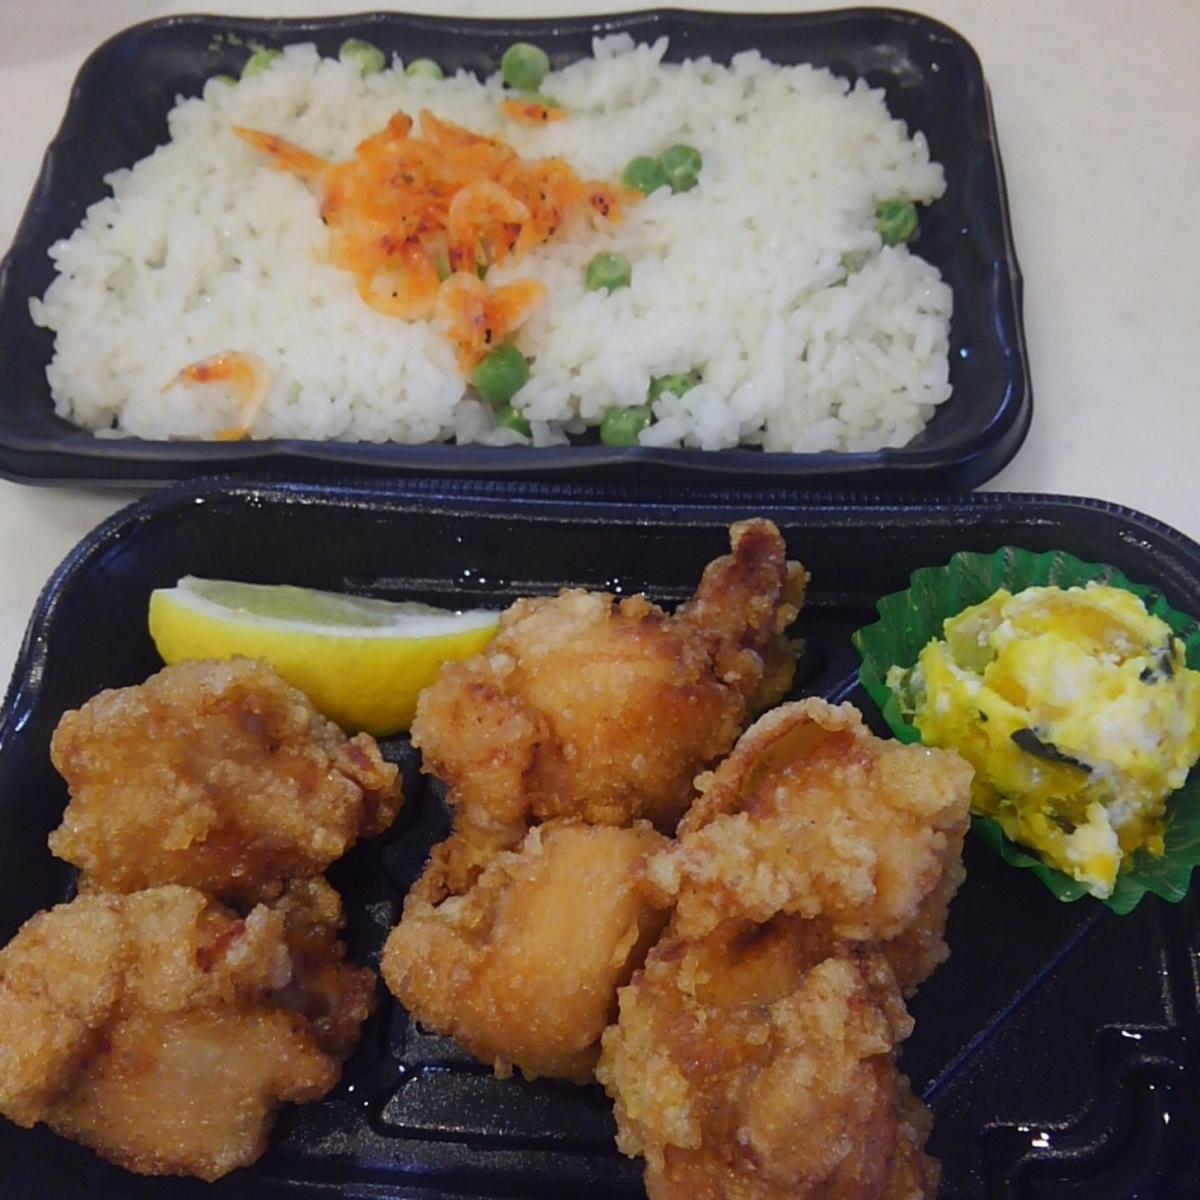 和食さと テイクアウト 豆御飯と唐揚弁当